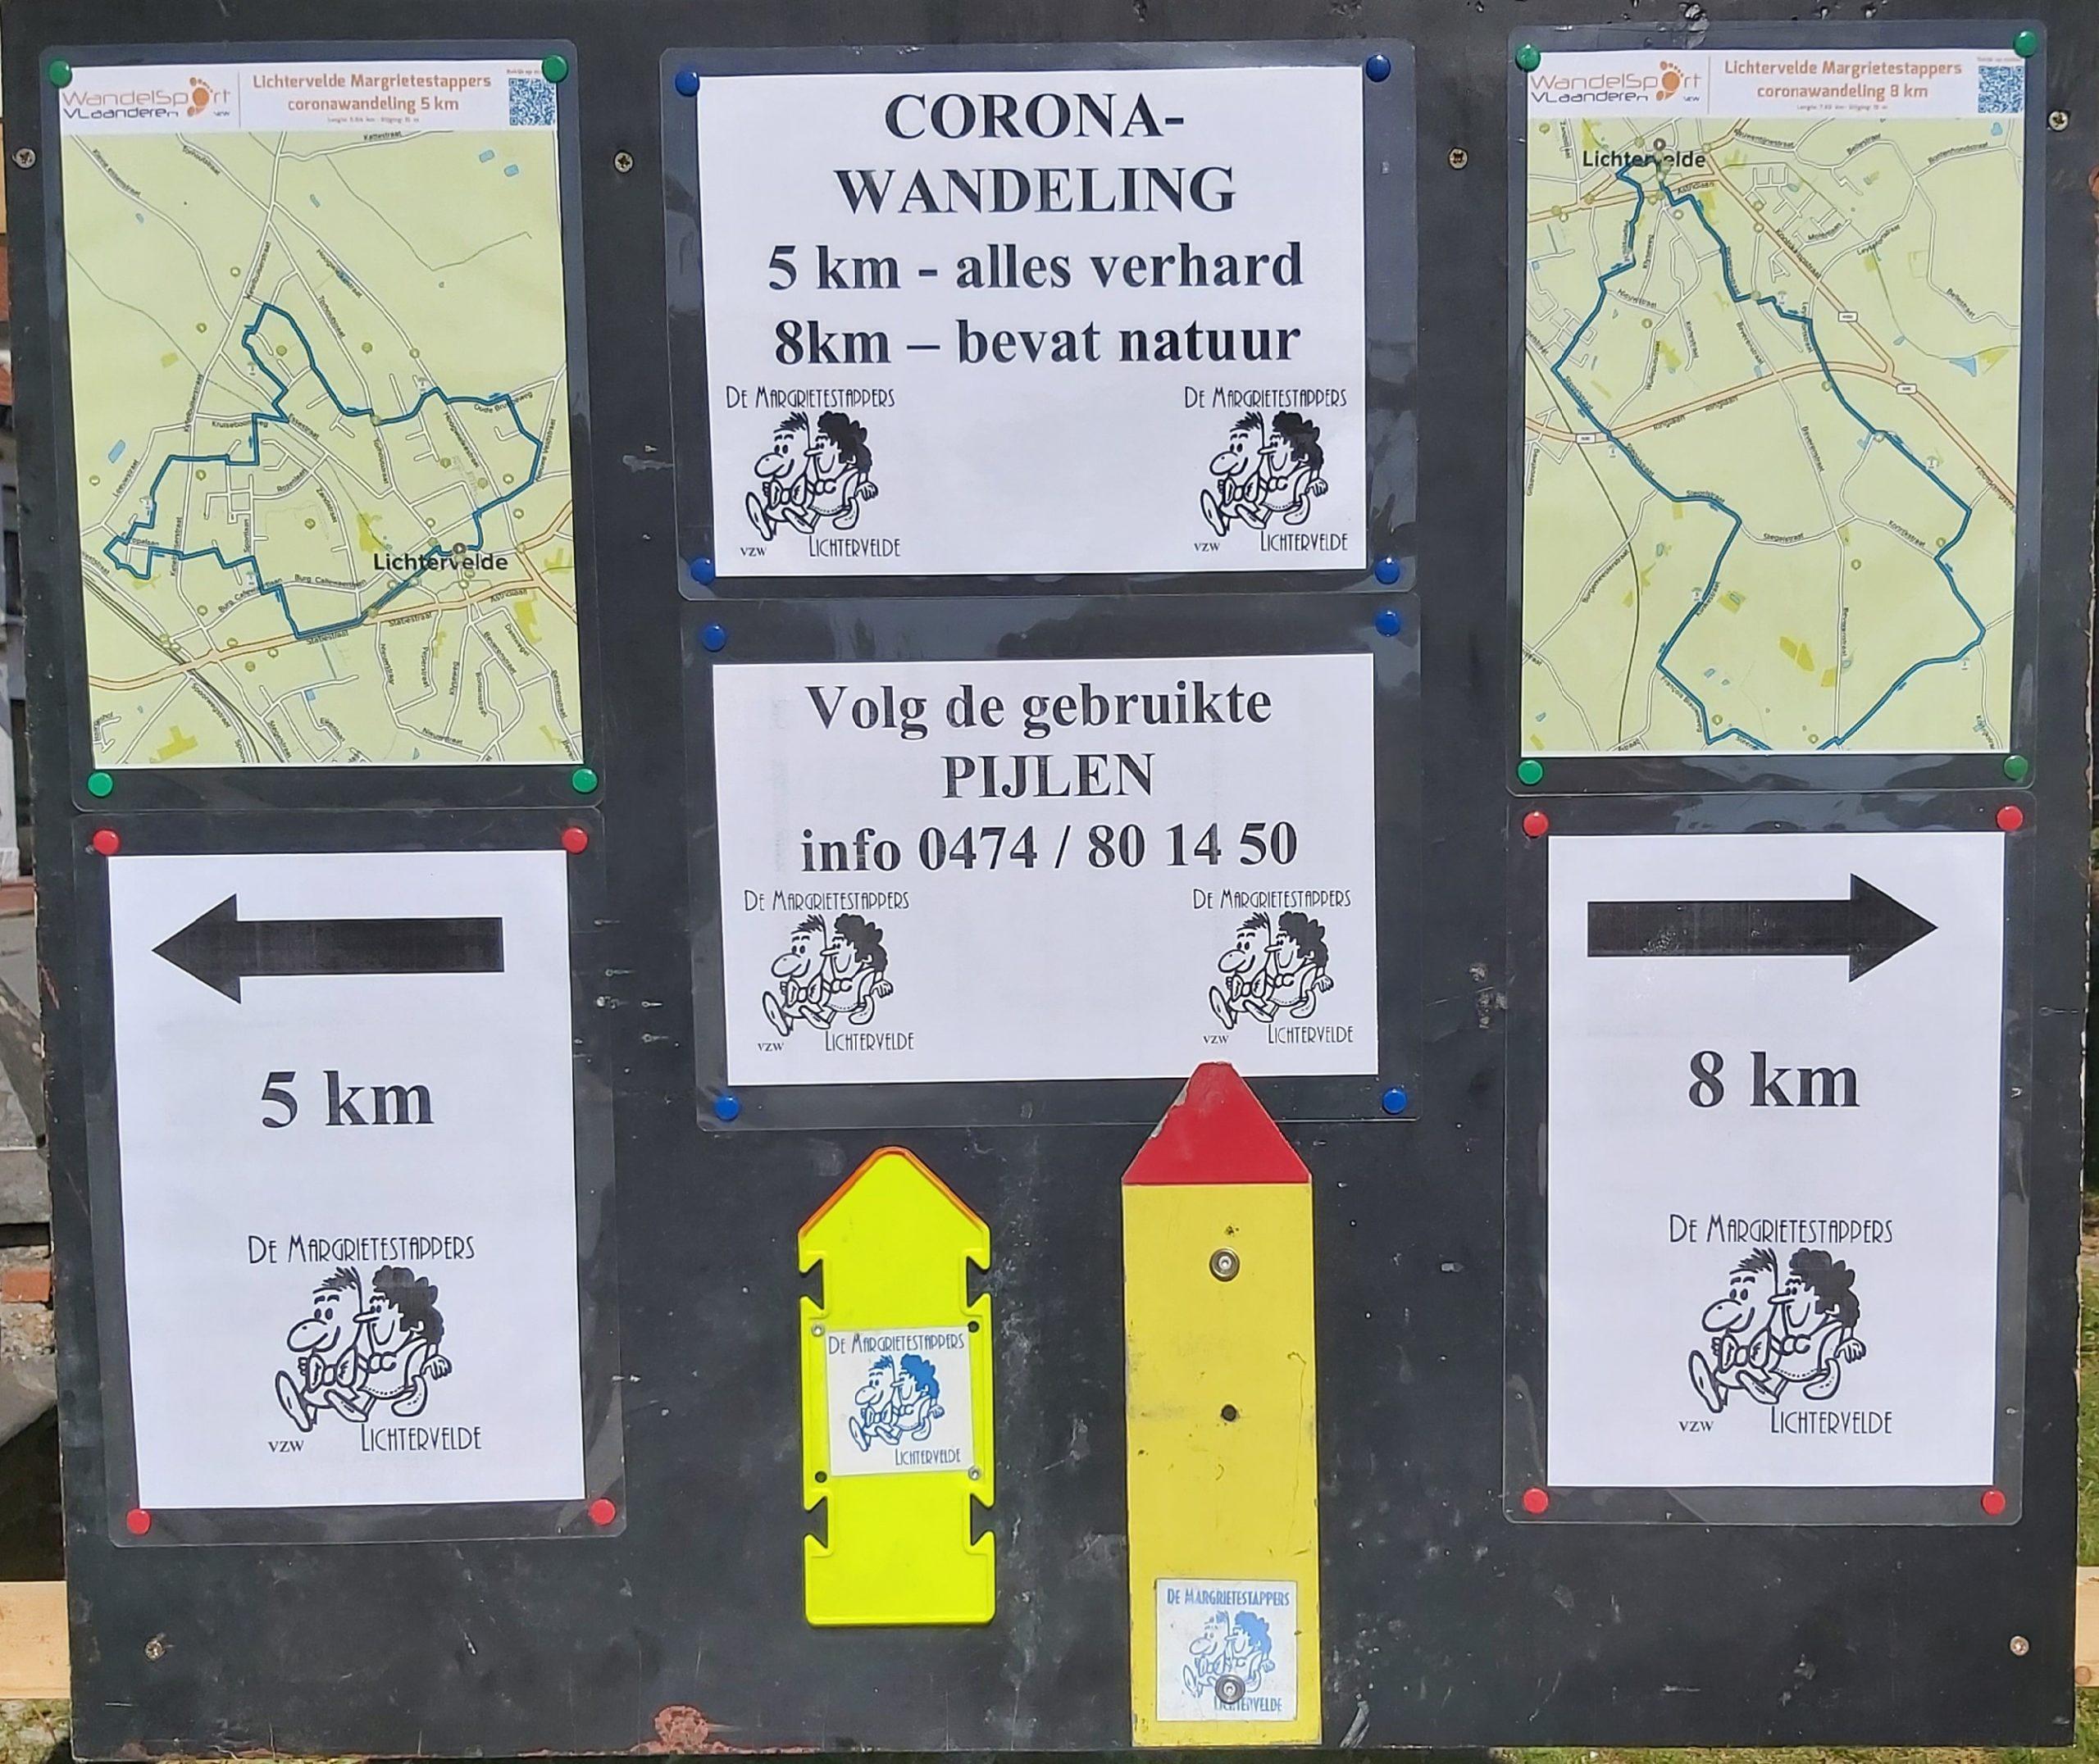 Wandelingen in coronatijd te Lichtervelde (t.e.m. wo 17 juni)